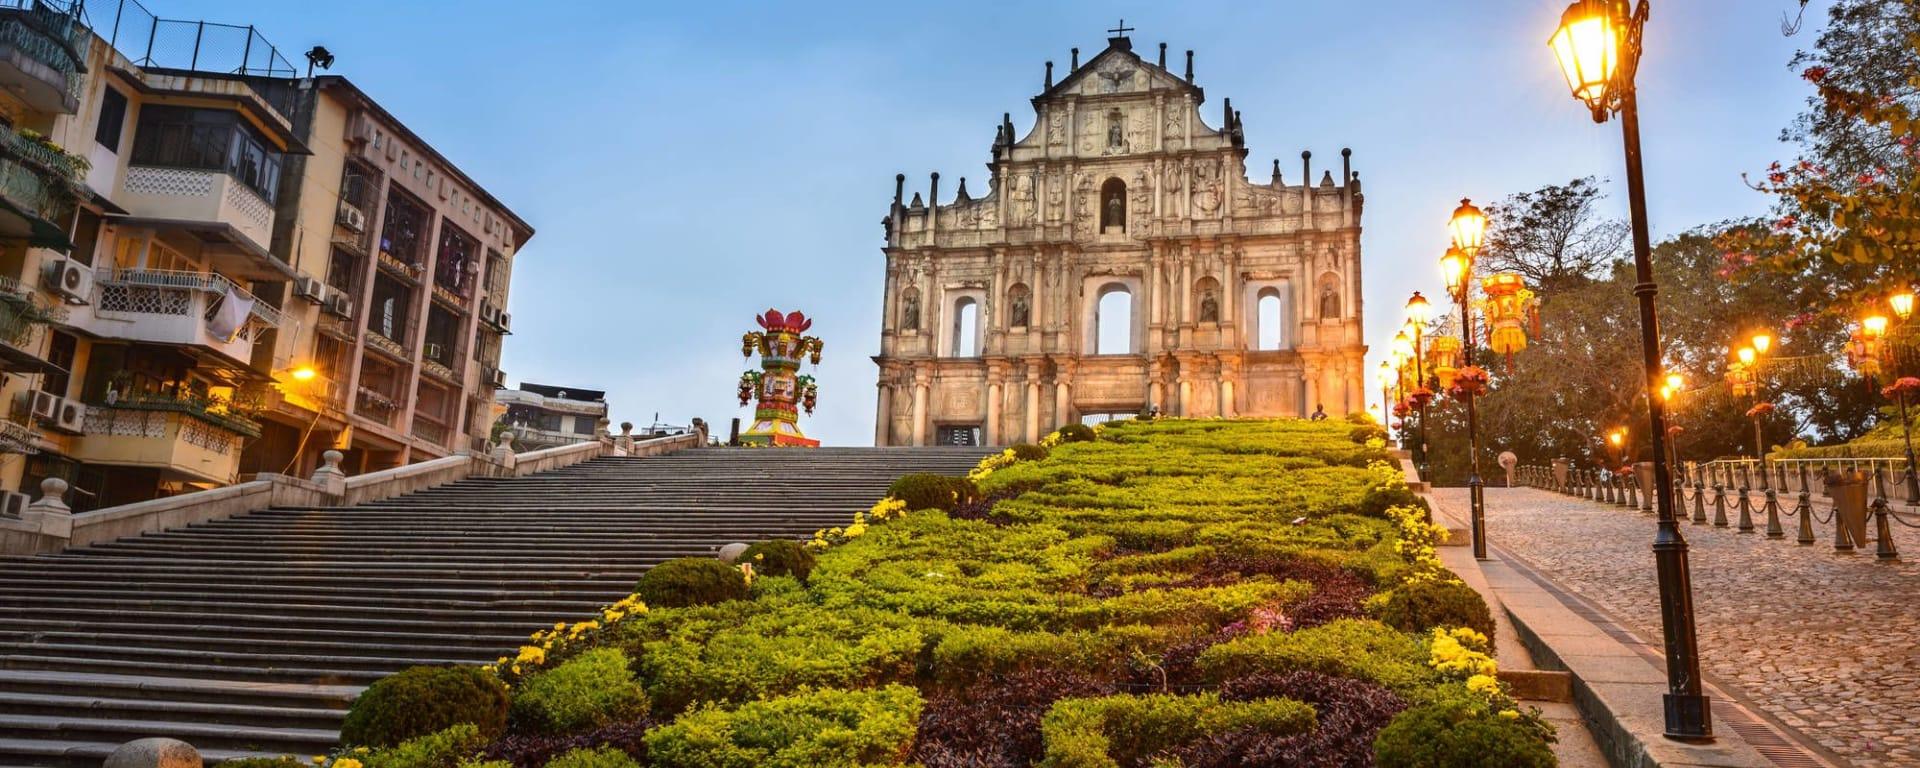 Voyages en Macao | Vacances en Asie par tourasia: Ruins of St. Paul's